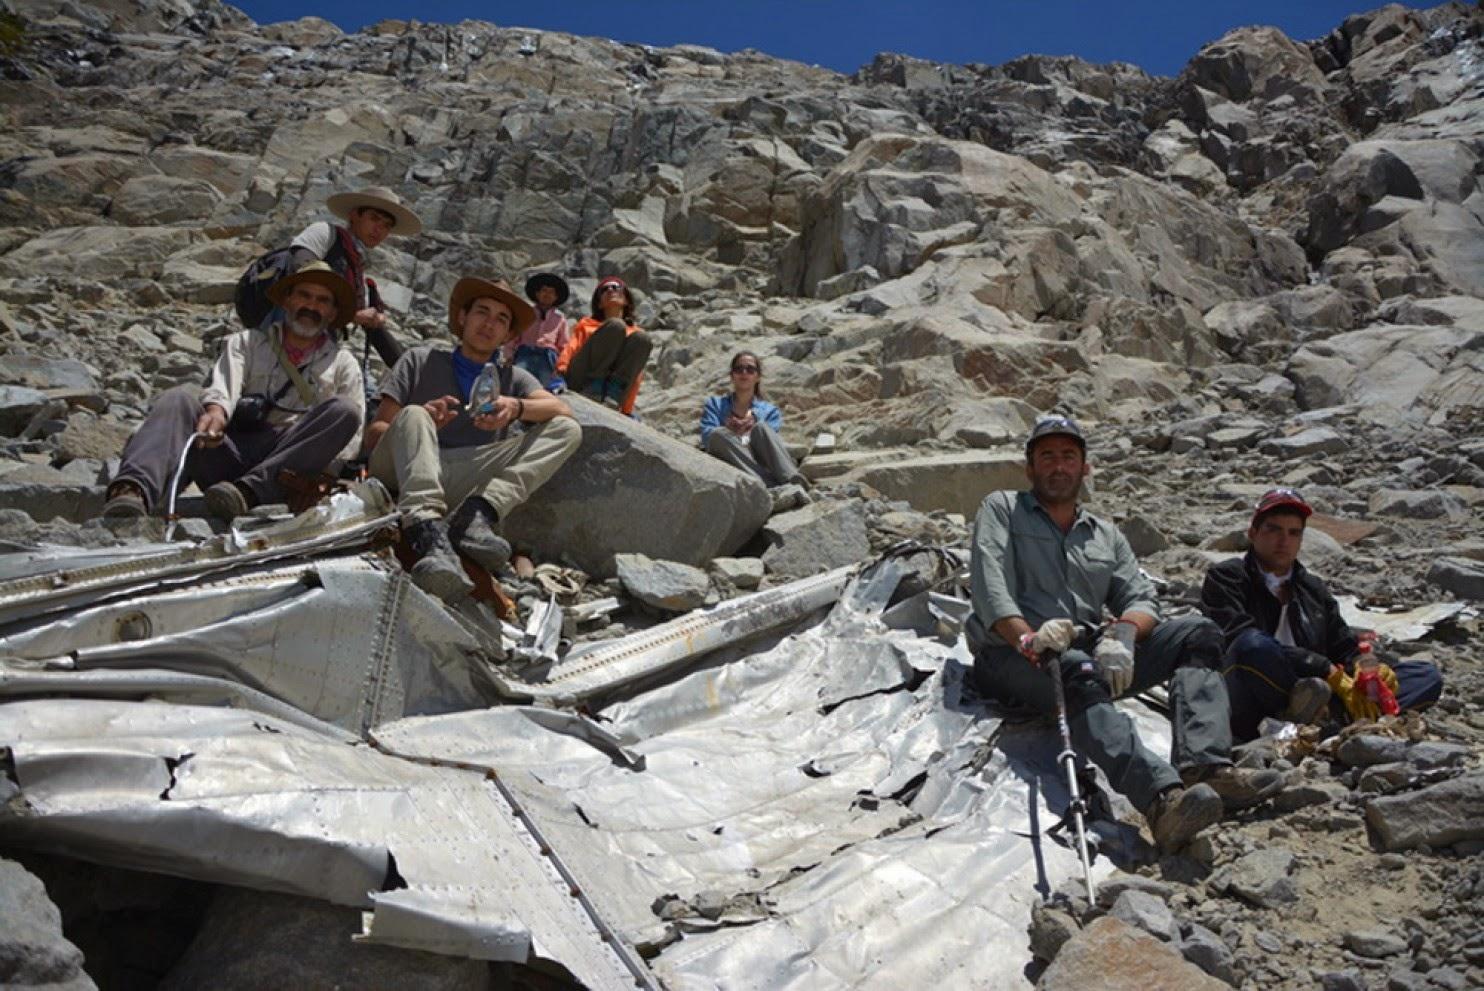 Penemuan bangkai sebuah pesawat yang hilang lebih daripada 50 tahun lepas